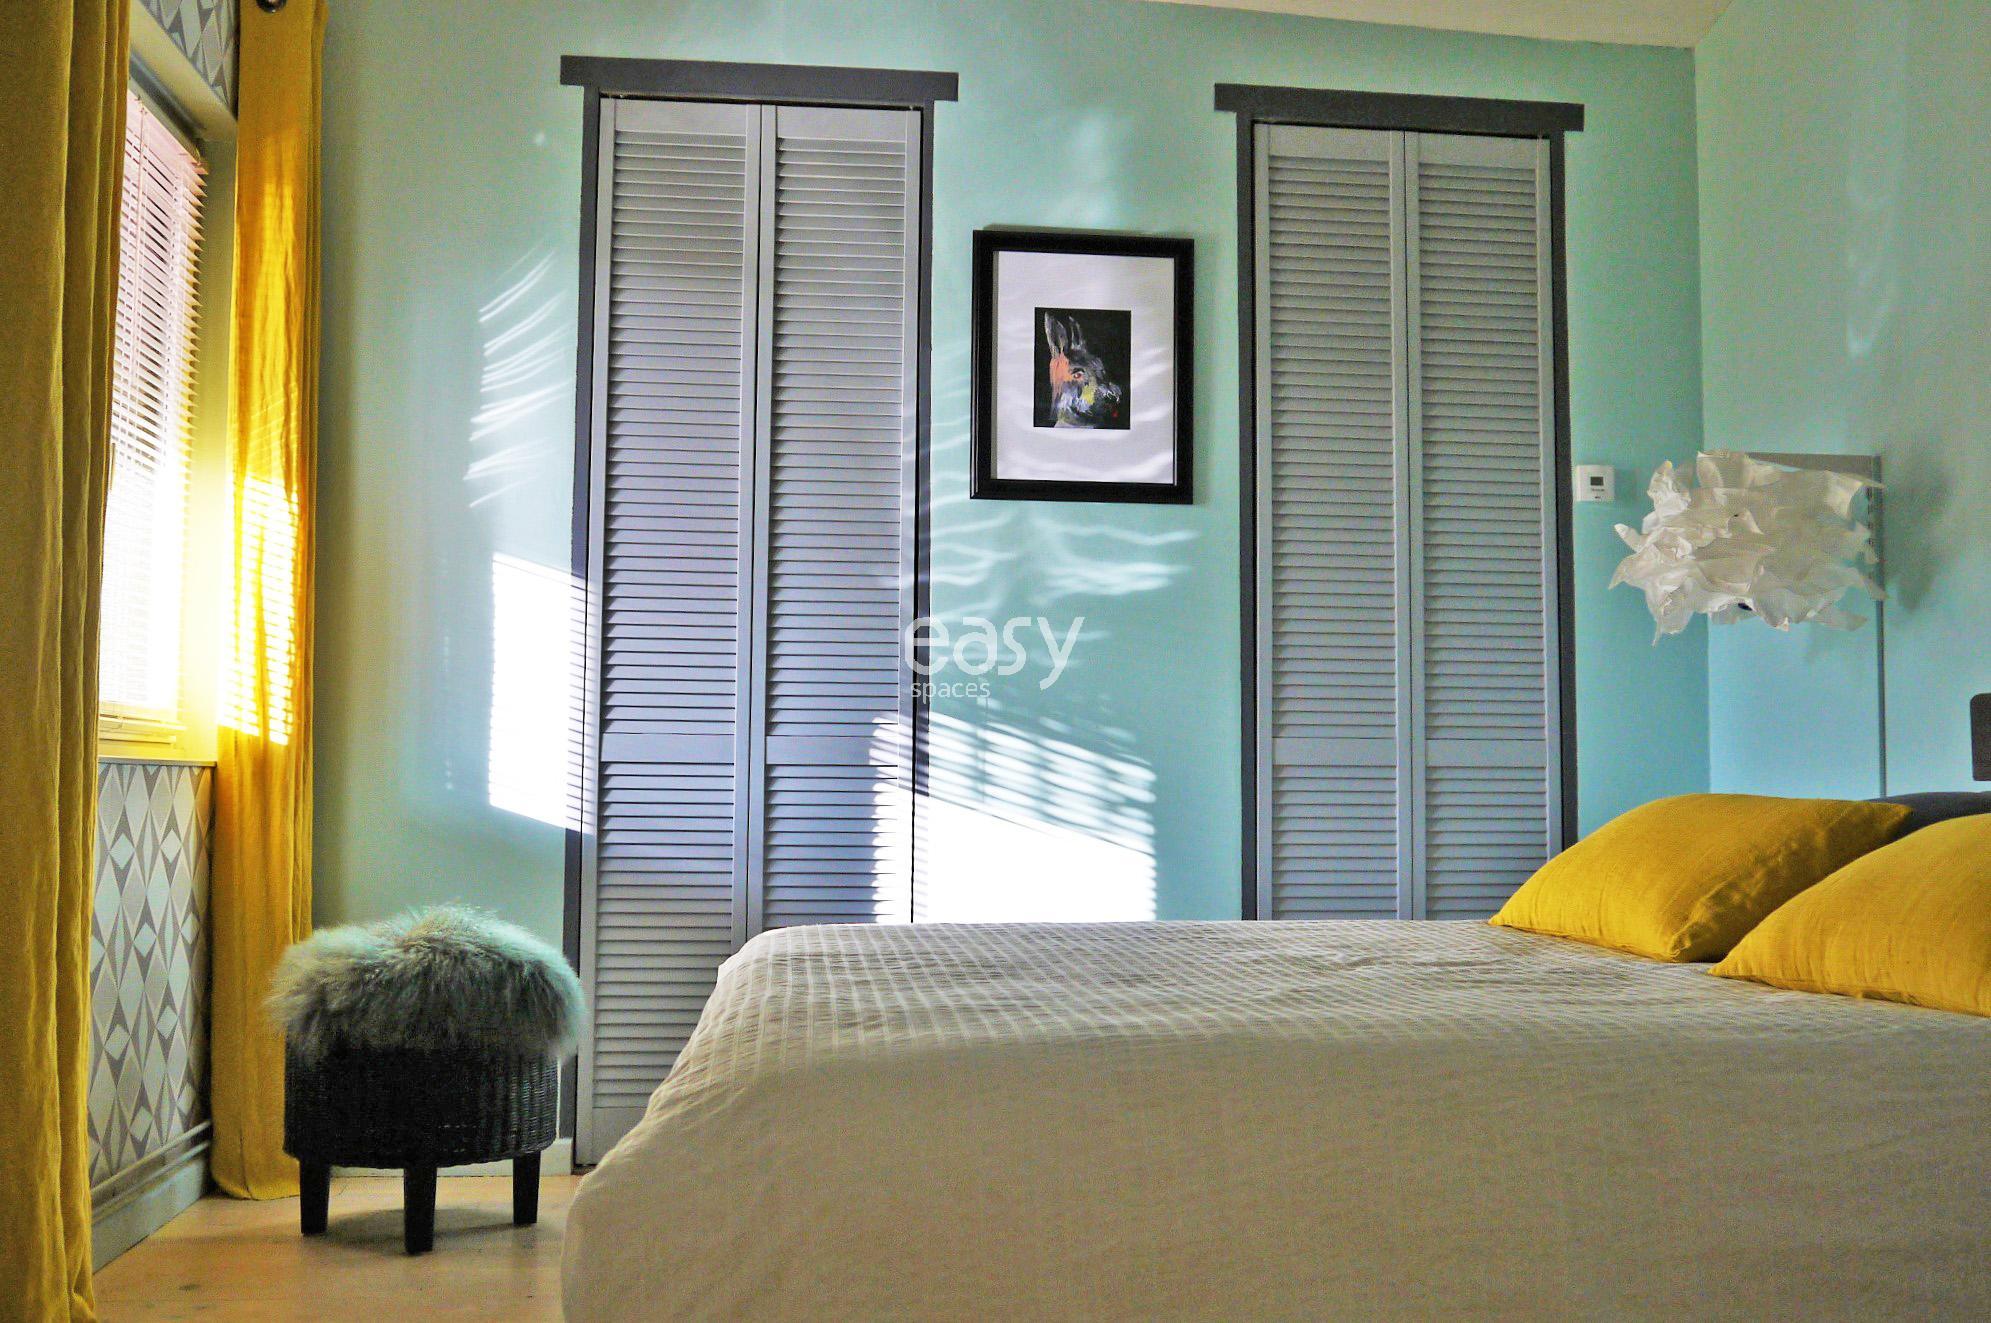 Louer sa maison pour tournage vous maison moderne pour shooting tournage bretagne lieu - Louer sa maison pour un tournage ...